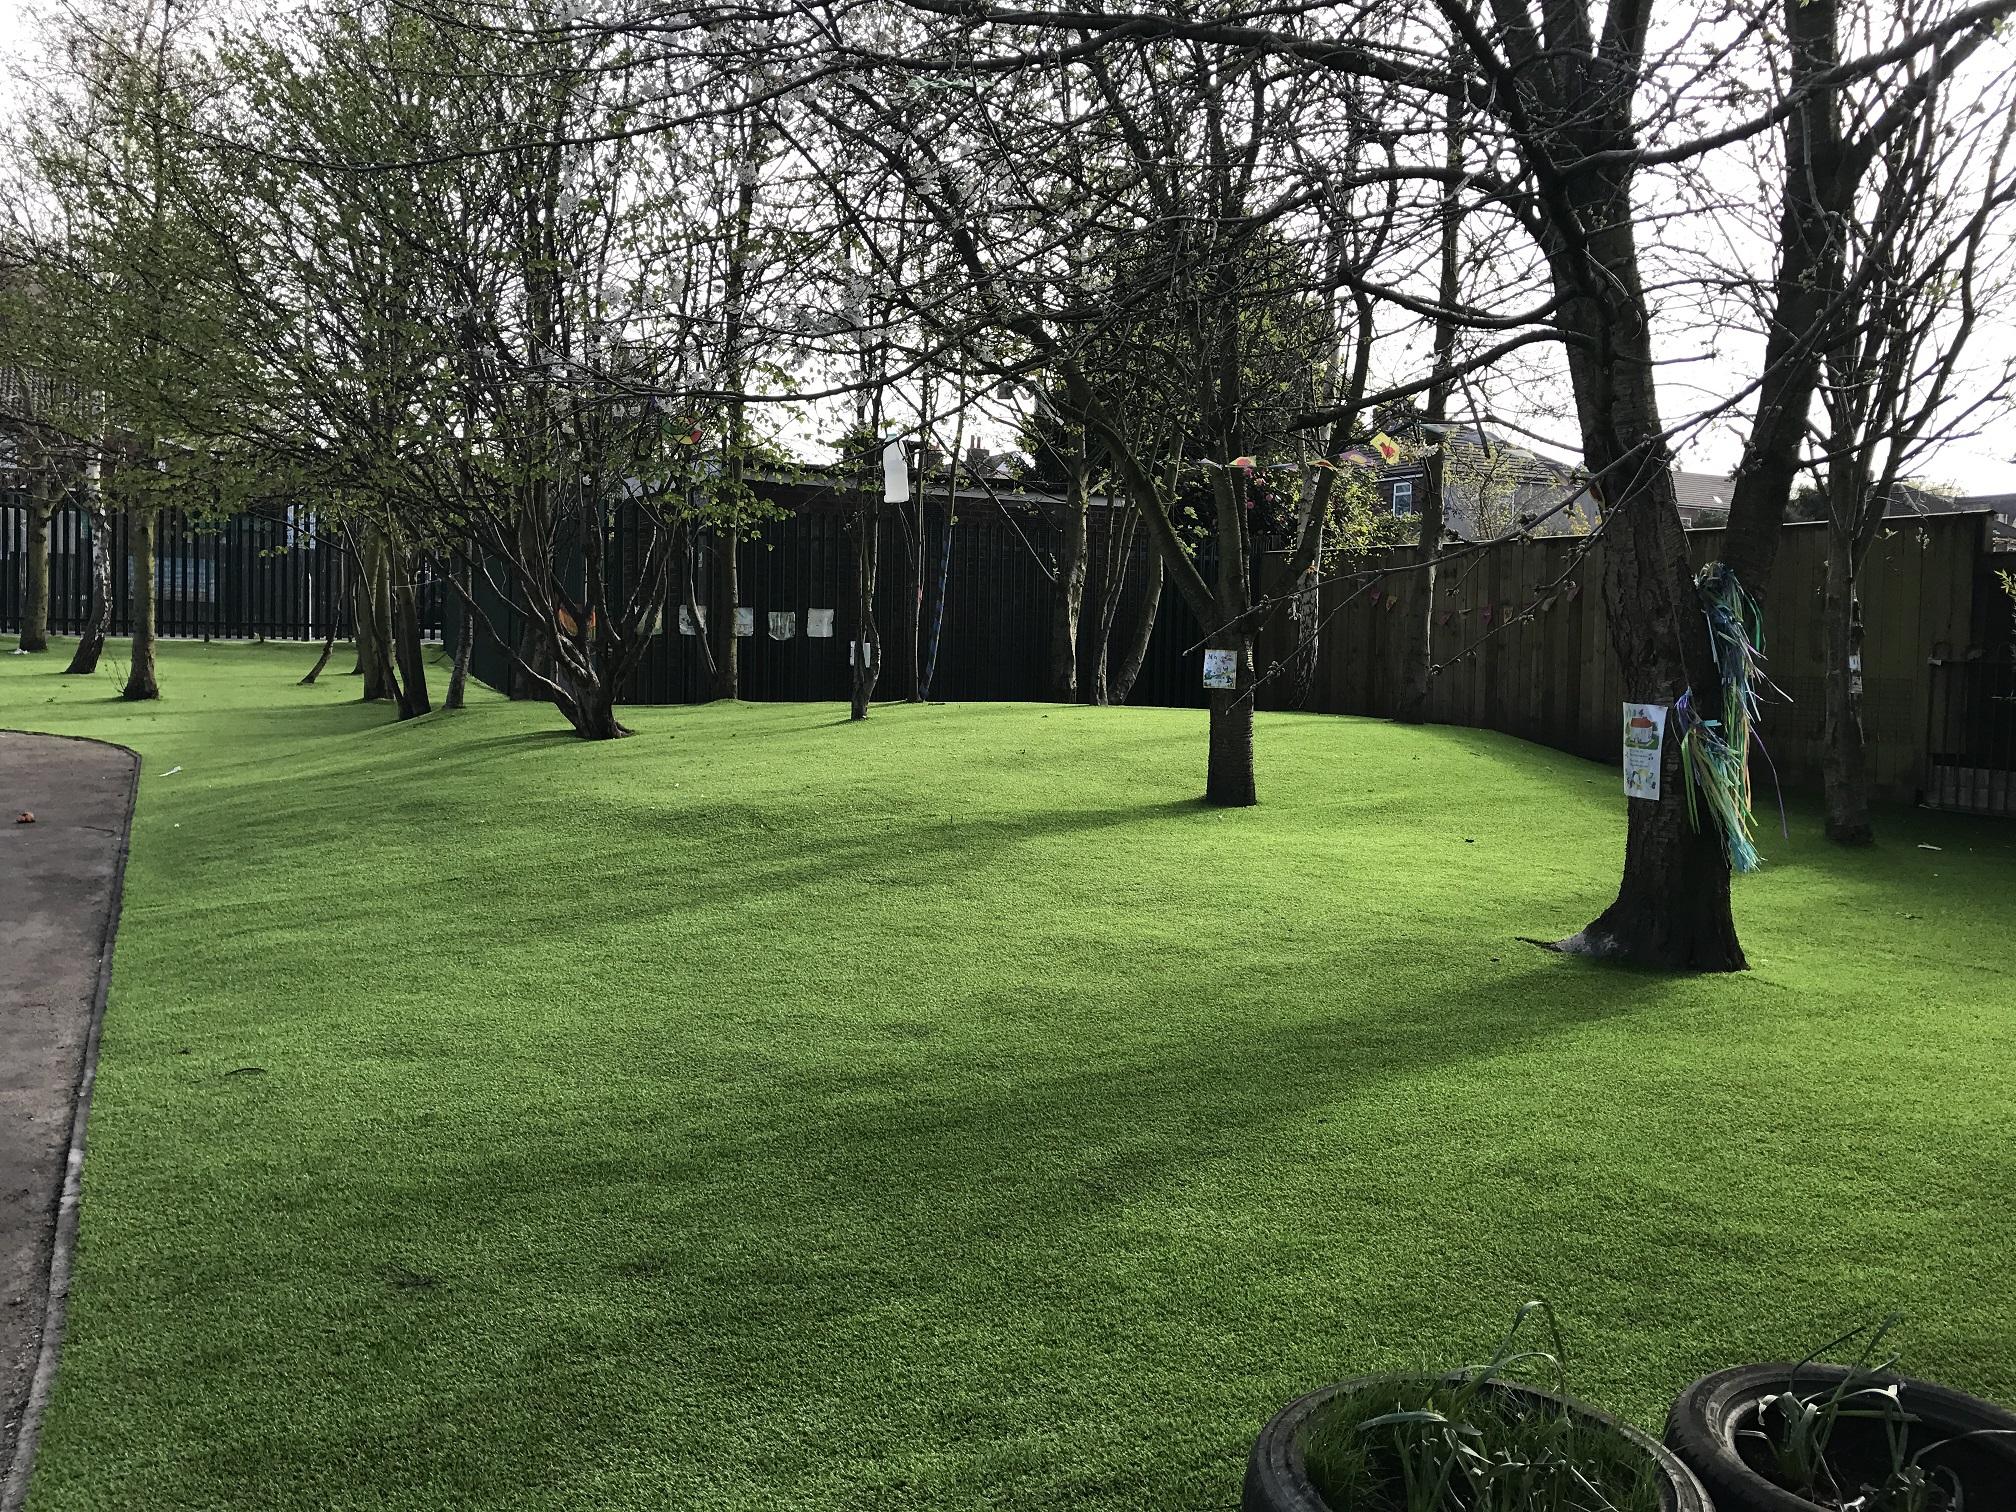 Landscape Gardener Jobs Liverpool - apple-peeler-today